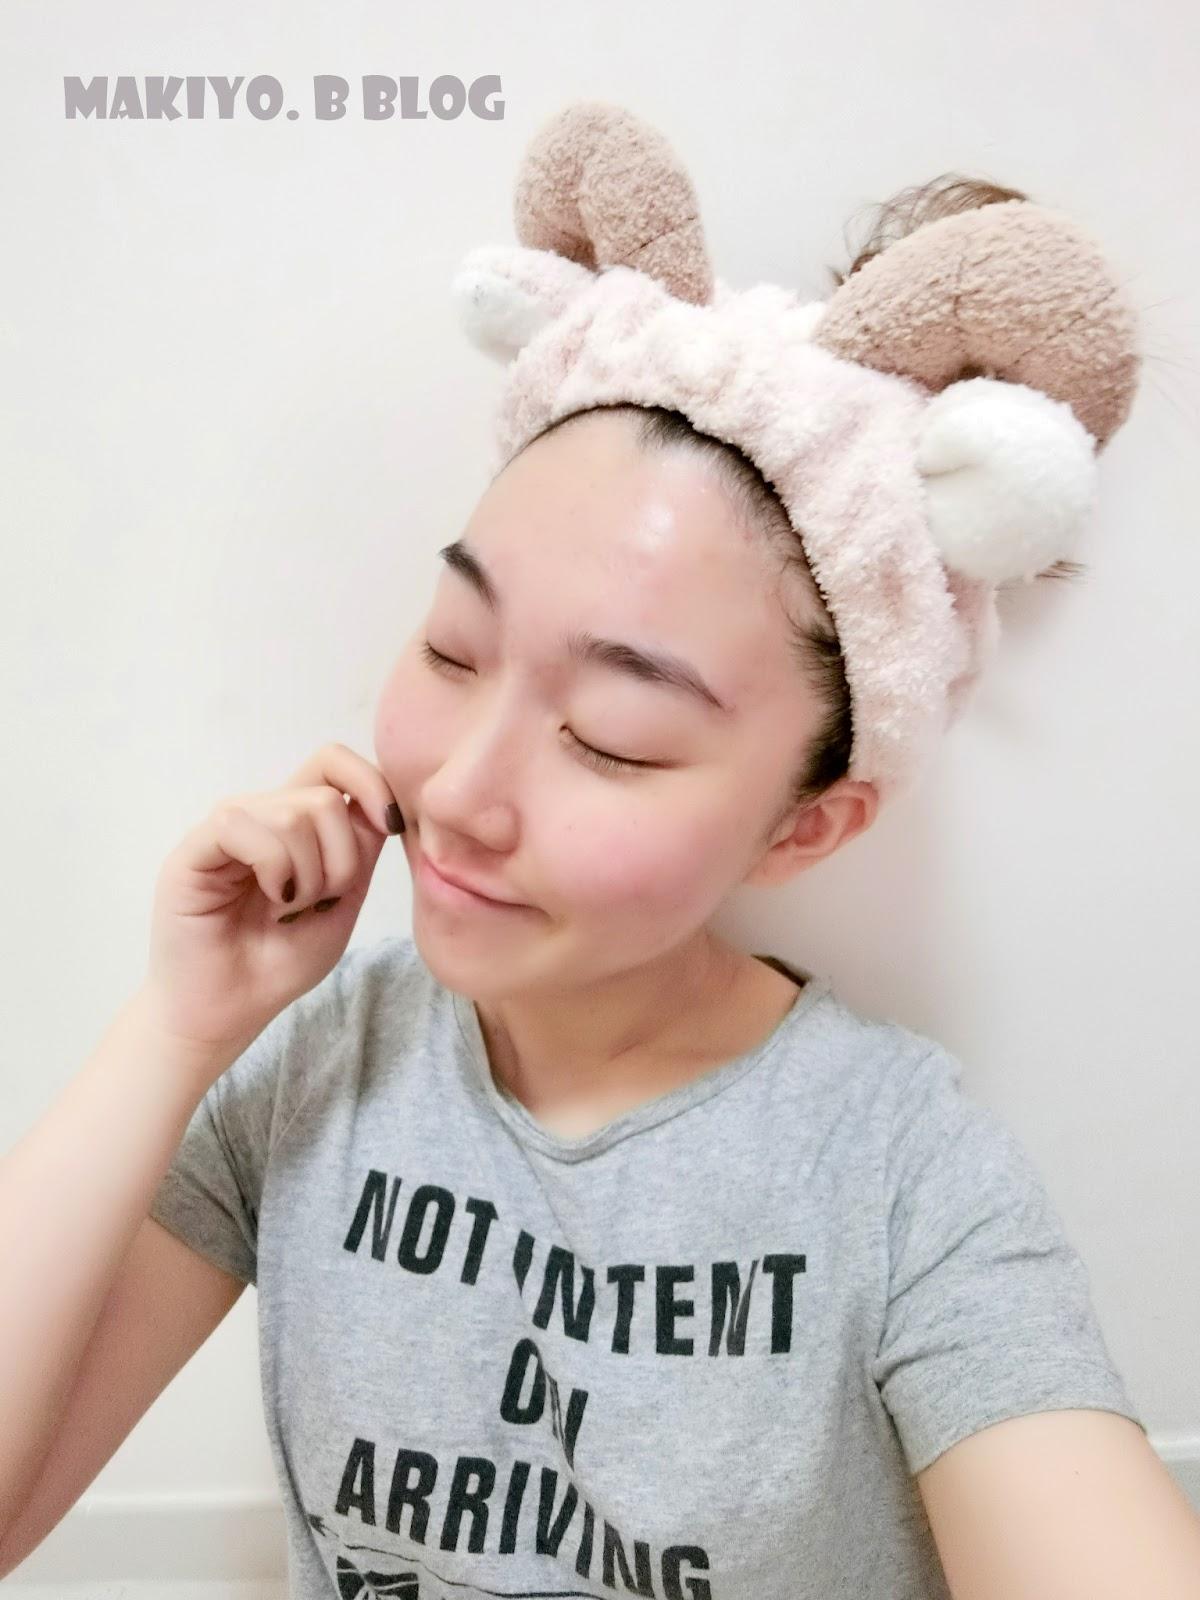 [試用。分享] – 臺灣護膚品牌 Anissa 皇牌保濕系列 : Makiyo.B